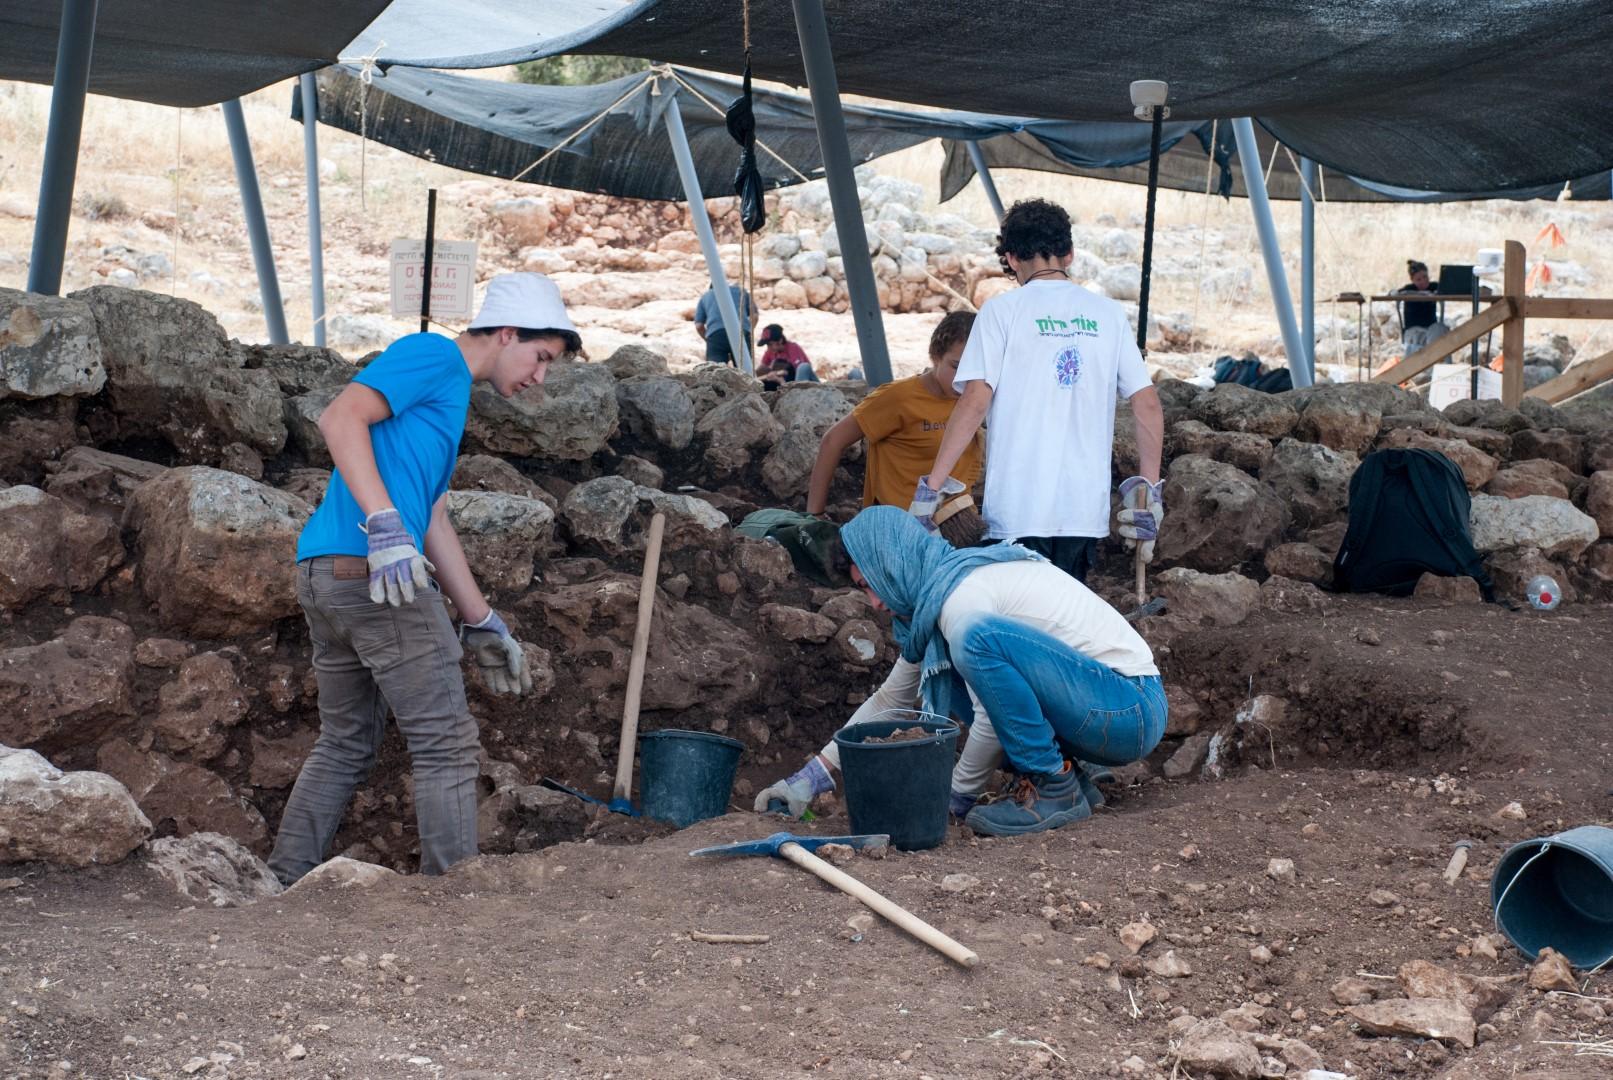 בחפירות בראש העין השתתפו עשרות תלמידי תיכון, במסגרת מיזם חדש של רשות העתיקות ומשרד החינוך, בו מוכרת חפירה ארכאולוגית בתור 'הערכה חלופית' בבחינת הבגרות